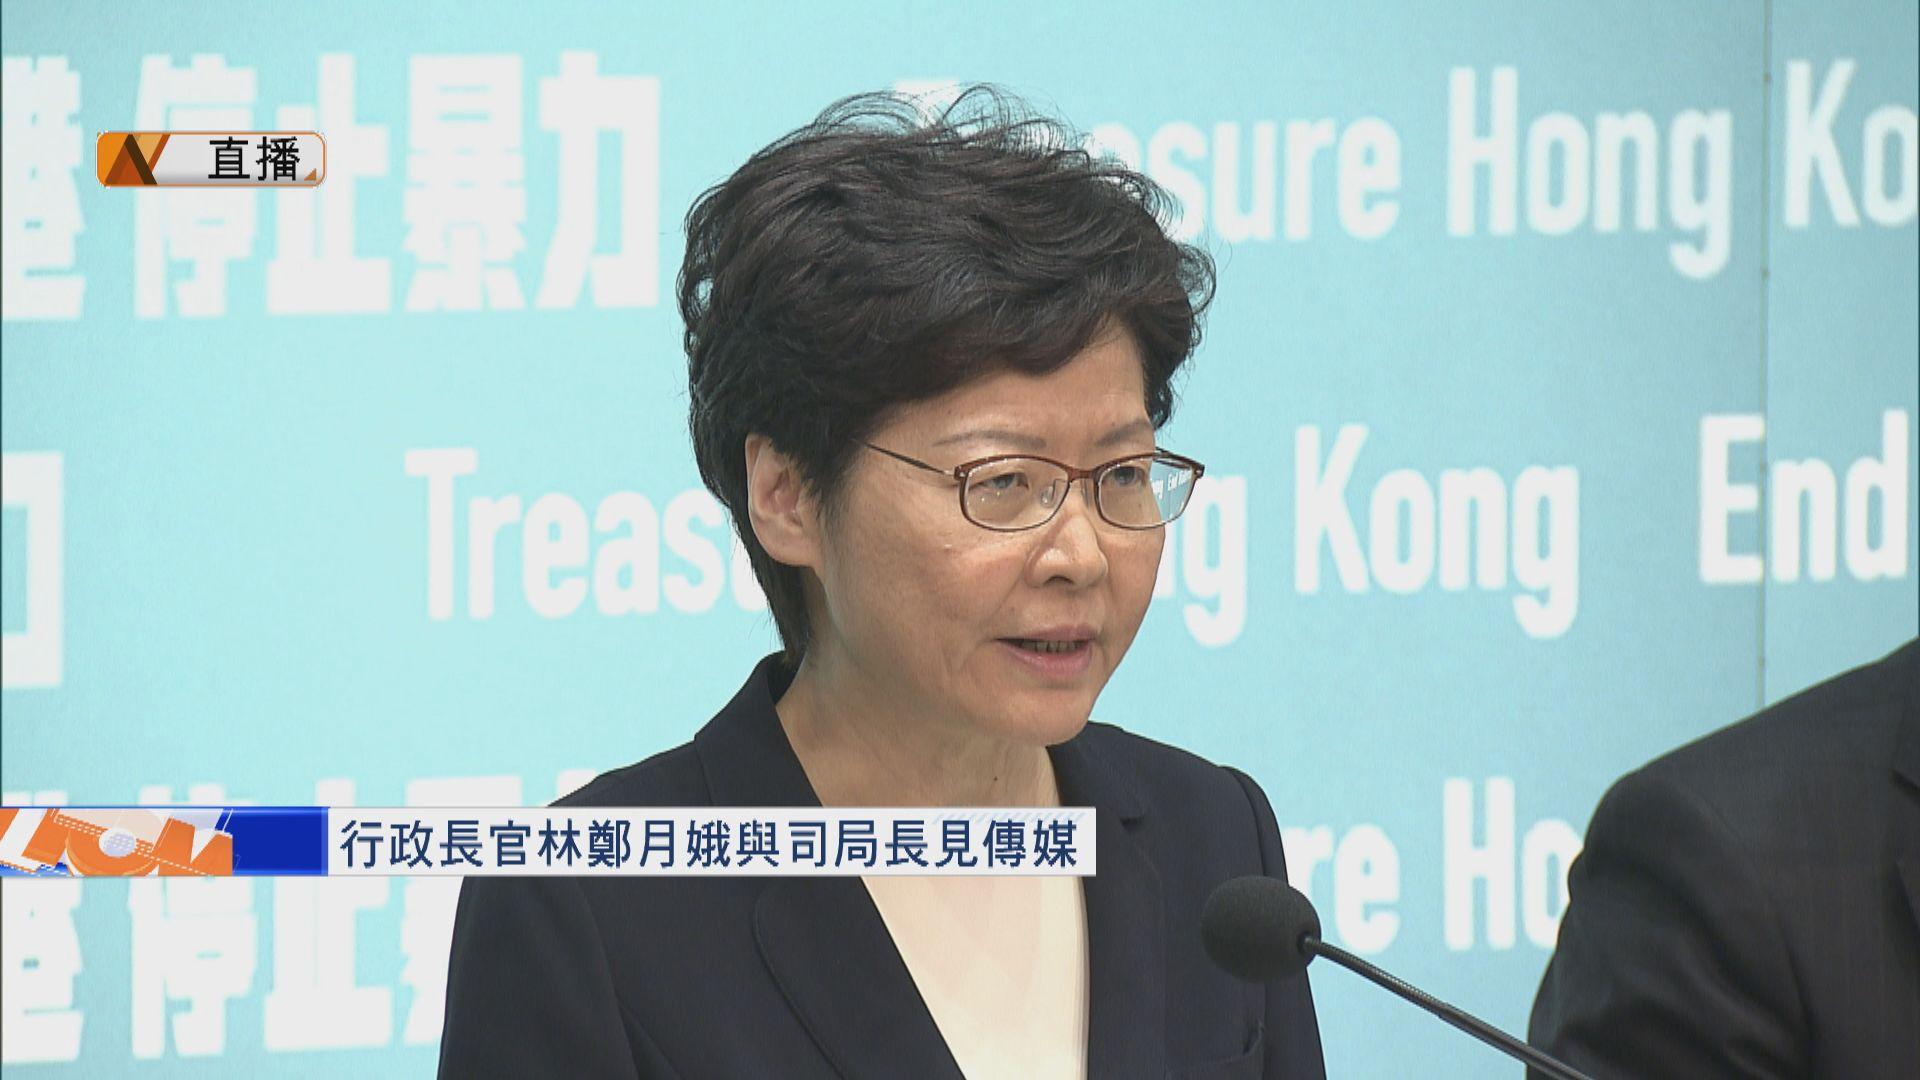 【最新】林鄭月娥:引用緊急法訂立禁蒙面法明日生效